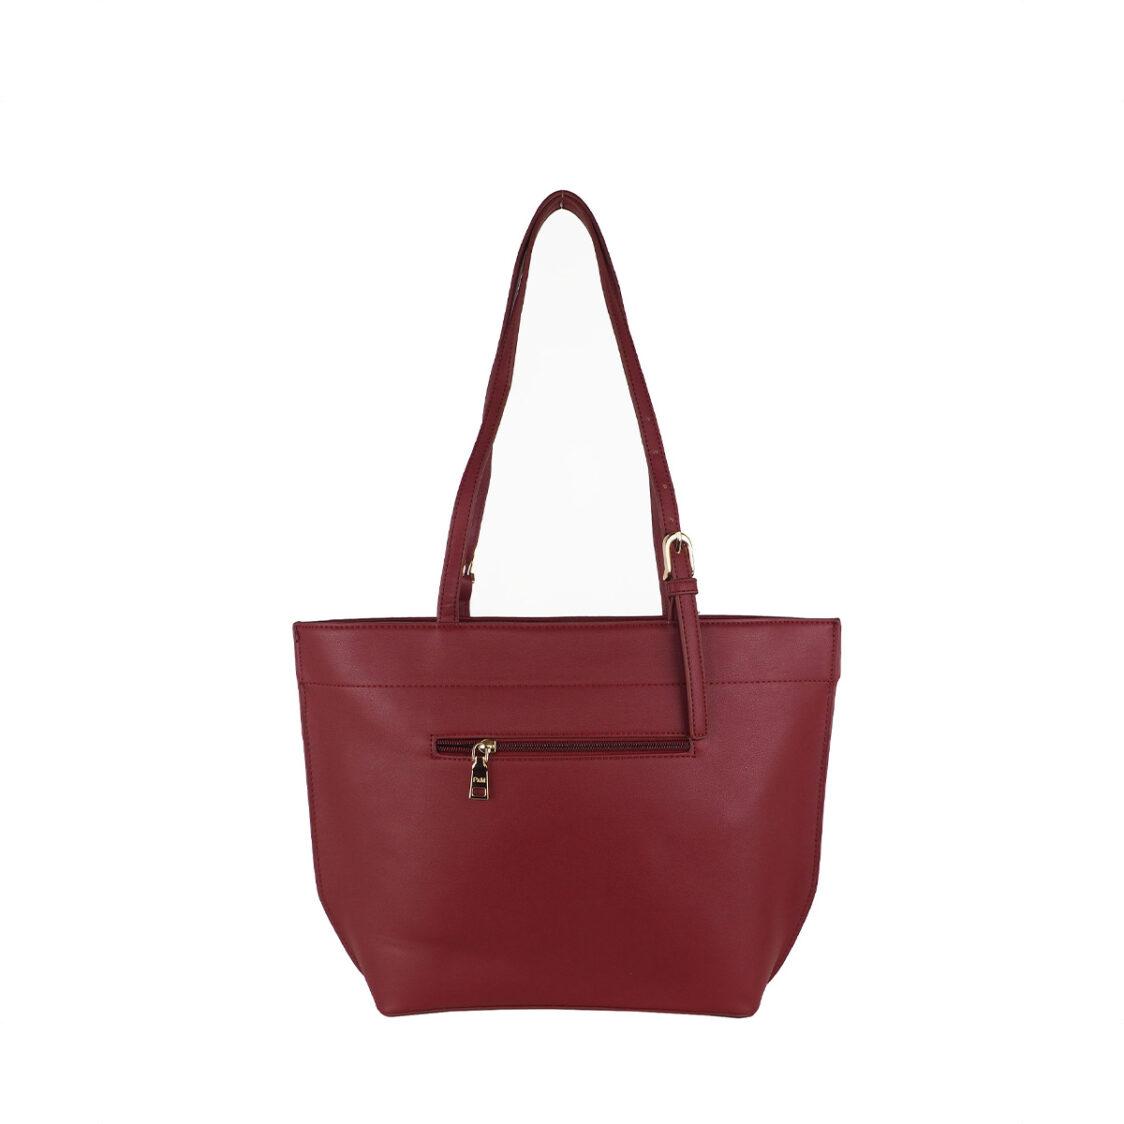 Perllini  Mel Double Handle Tote Bag Dark Red PF7470-Dk R